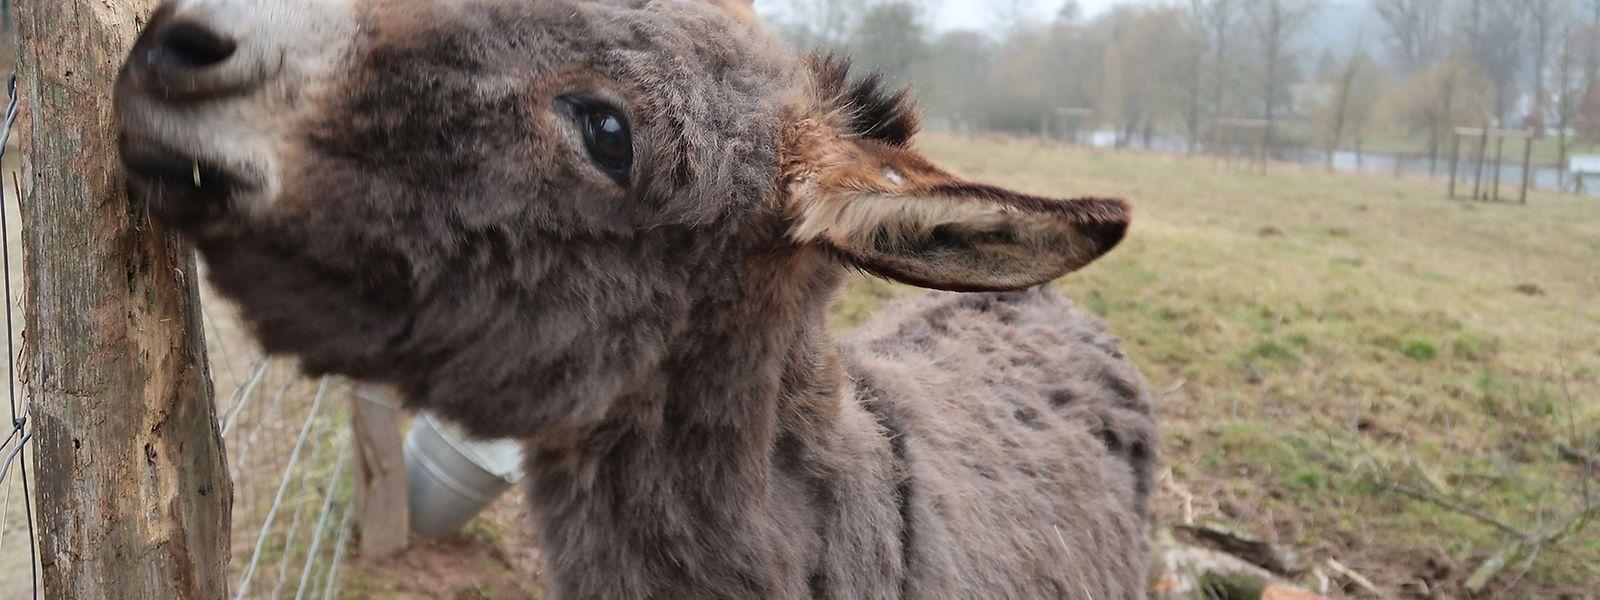 """Sechs Esel sind mittlerweile Teil des Karnevalsvereins """"D'Eeselen aus der Sauerstad Dikrich""""."""